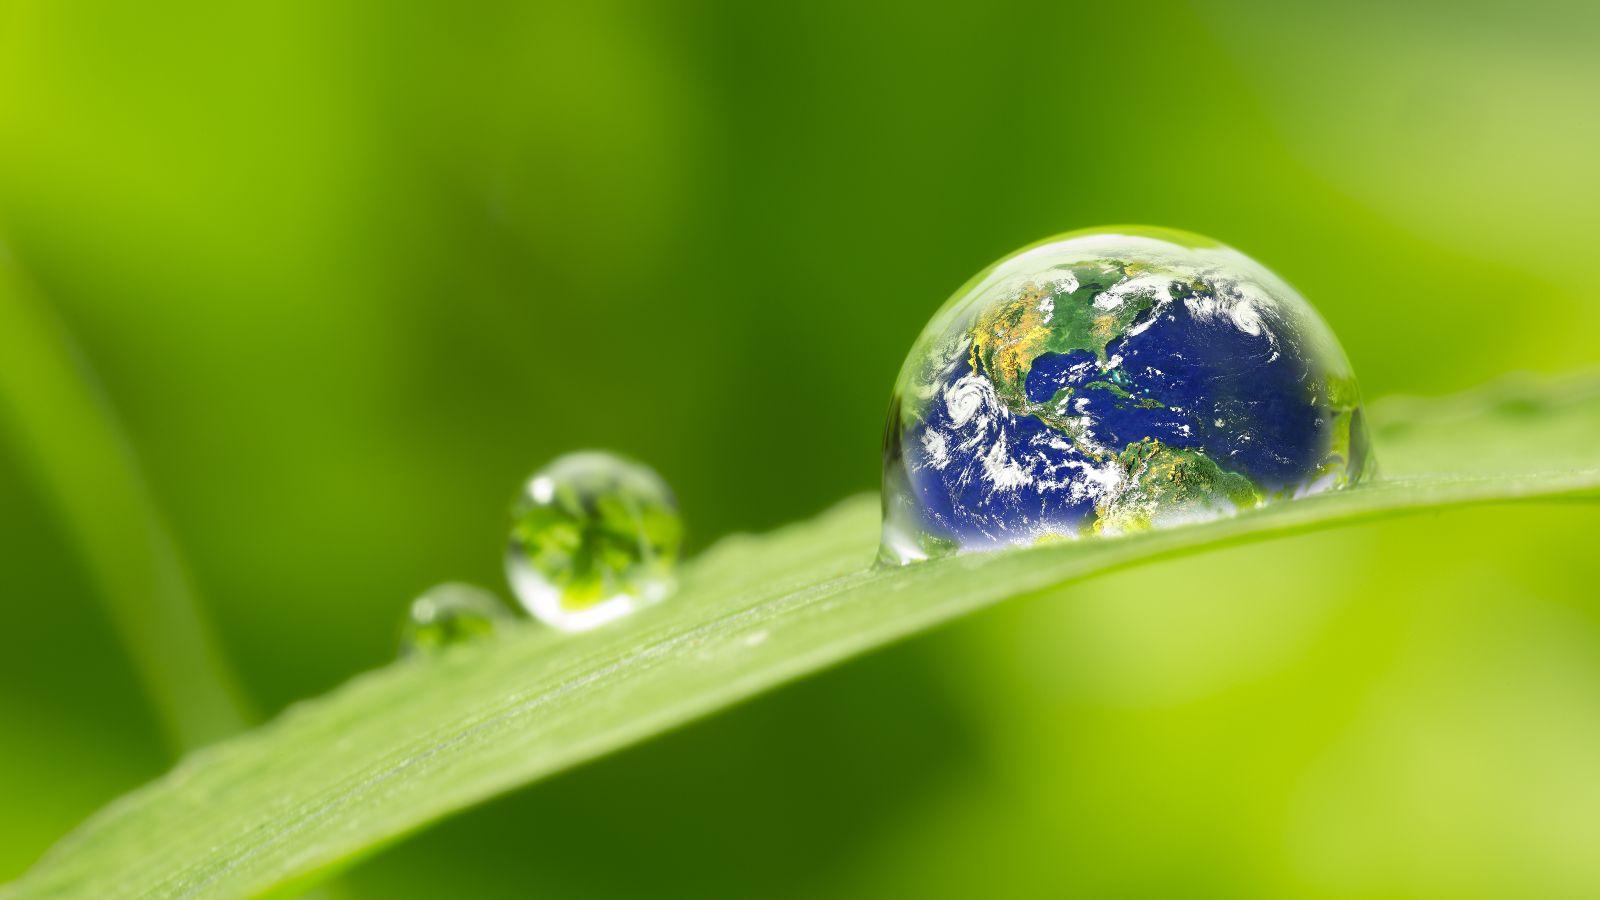 Das Bild ist eine Fotomontage: Auf einem Tropfen auf einem Grünen Blatt ist die Weltkugel zu sehen.